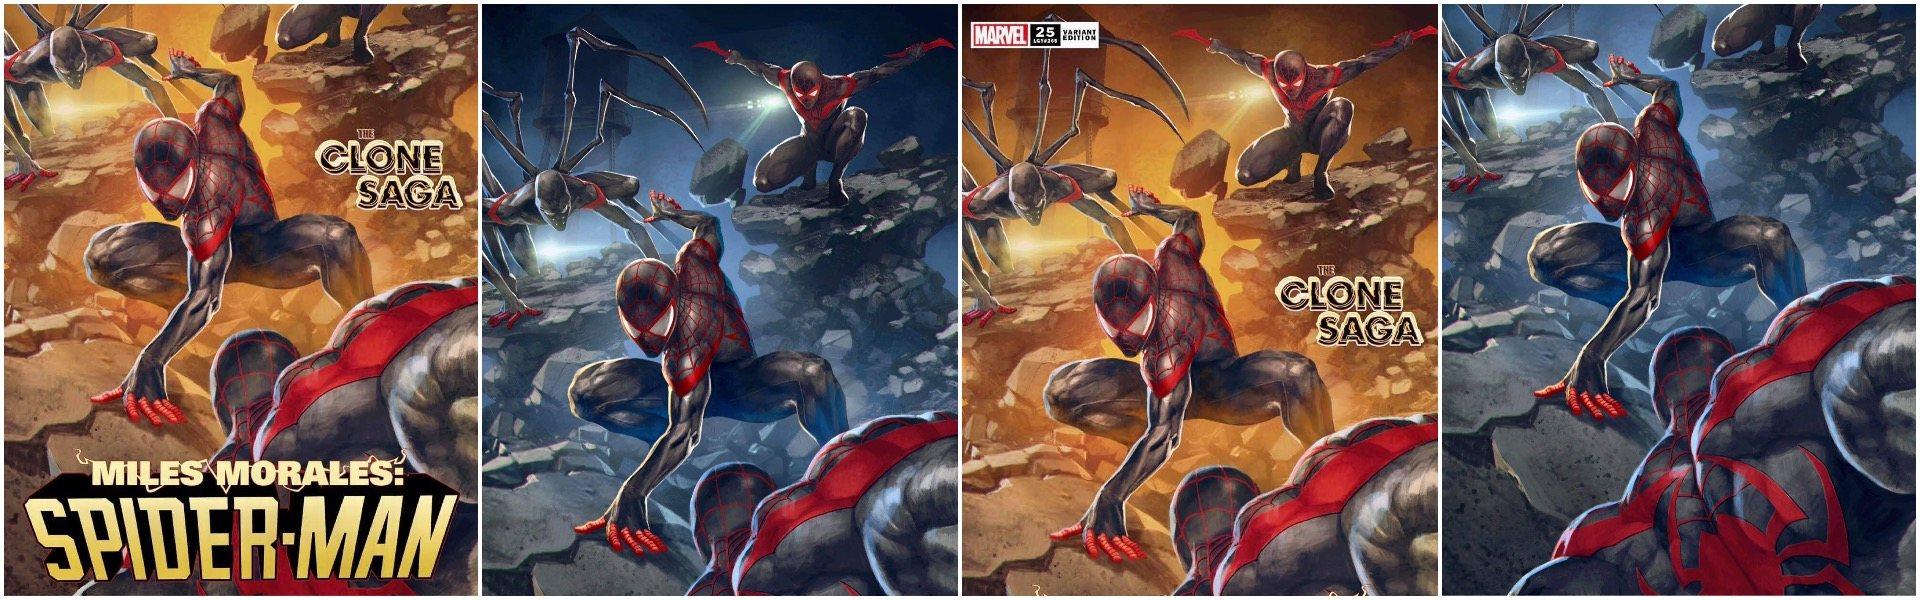 Miles Morales Spider-Man #25 Skan Variants